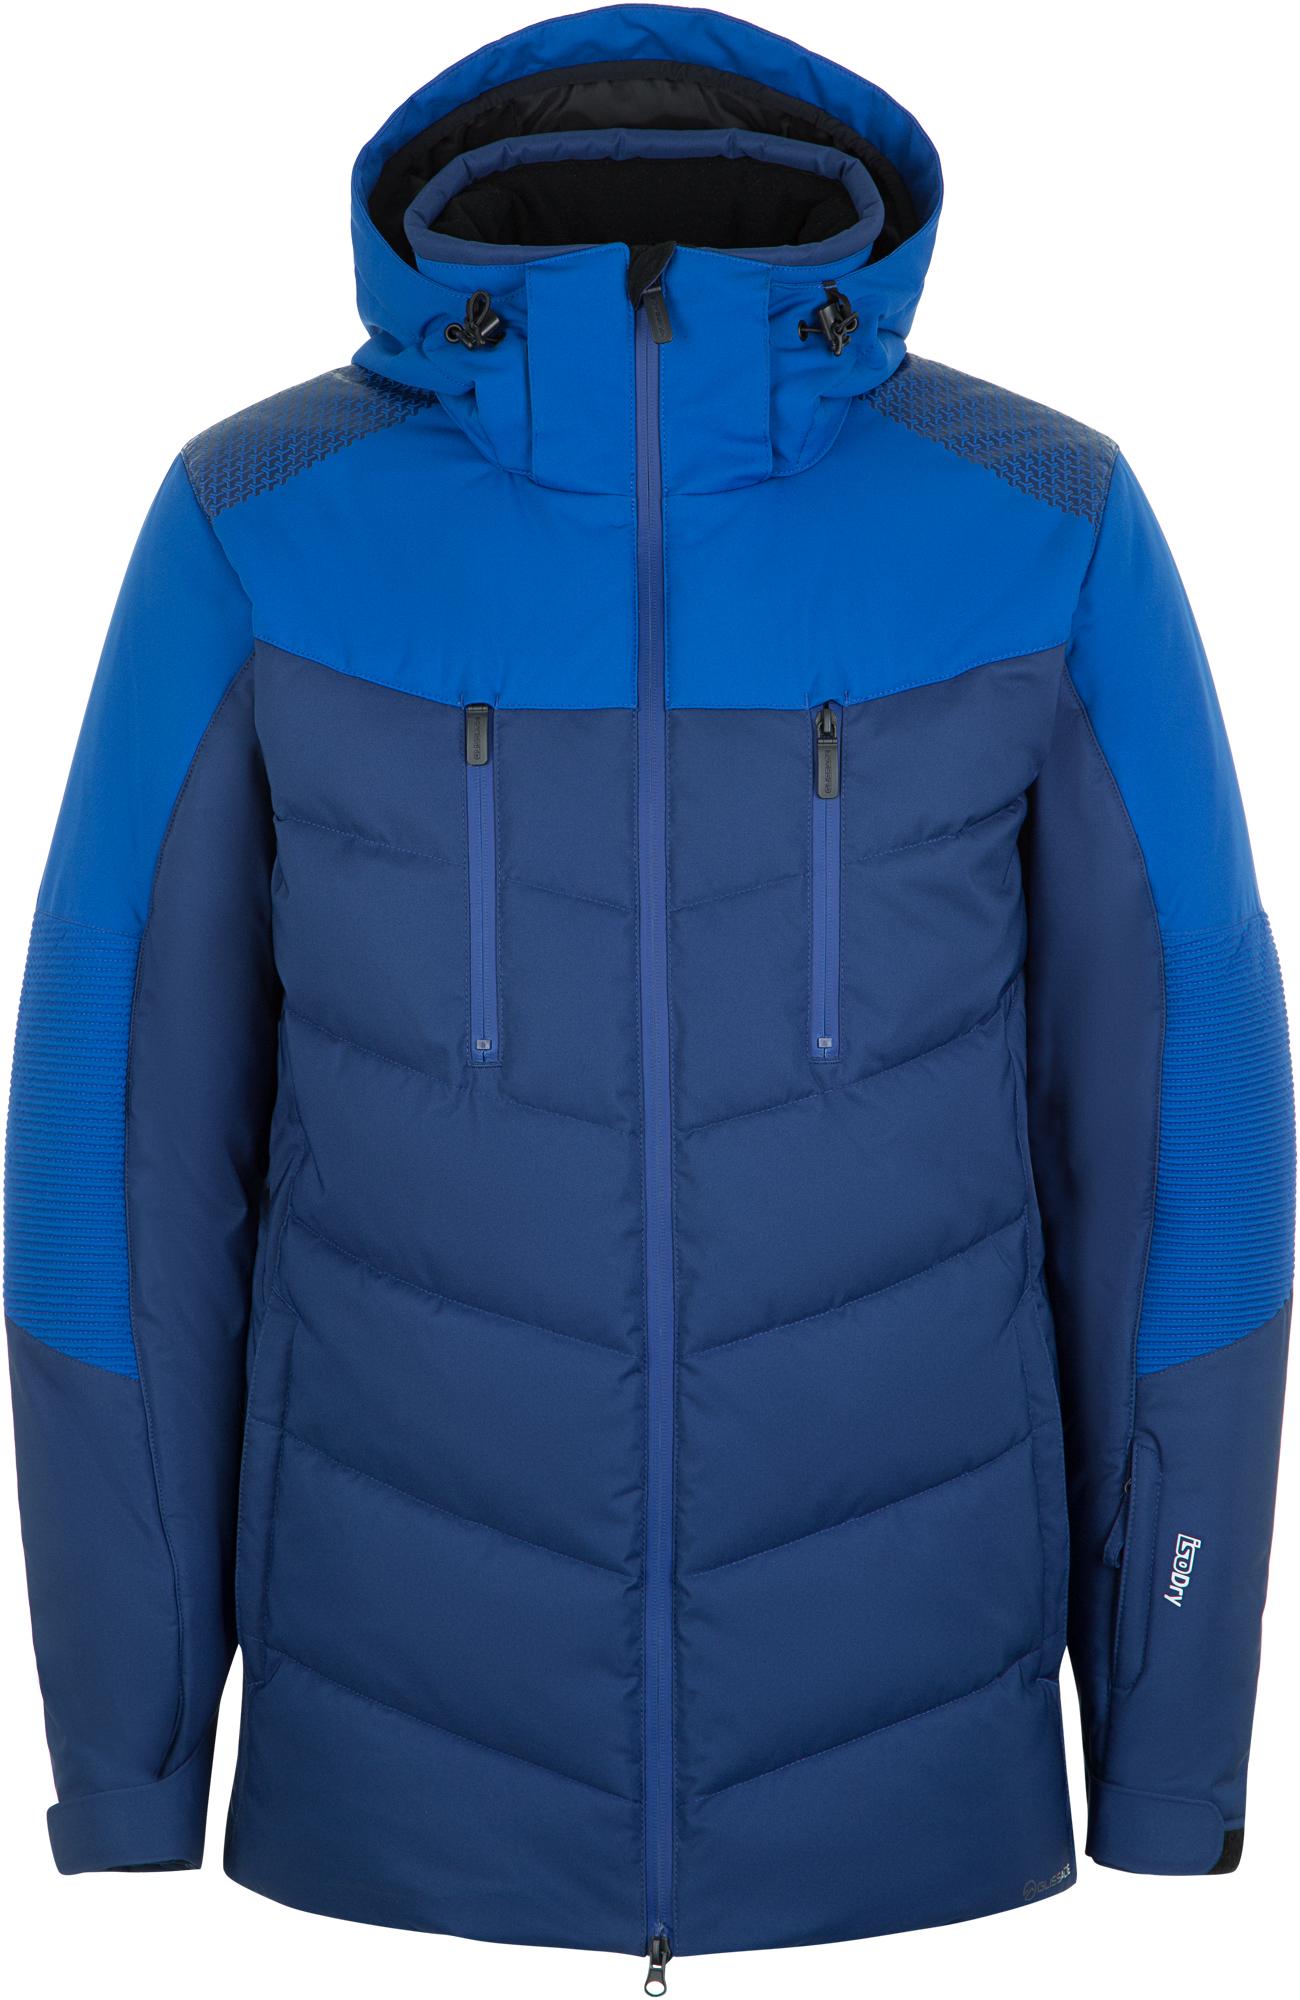 Glissade Куртка утепленная мужская Glissade, размер 52 glissade куртка утепленная мужская glissade размер 56 58